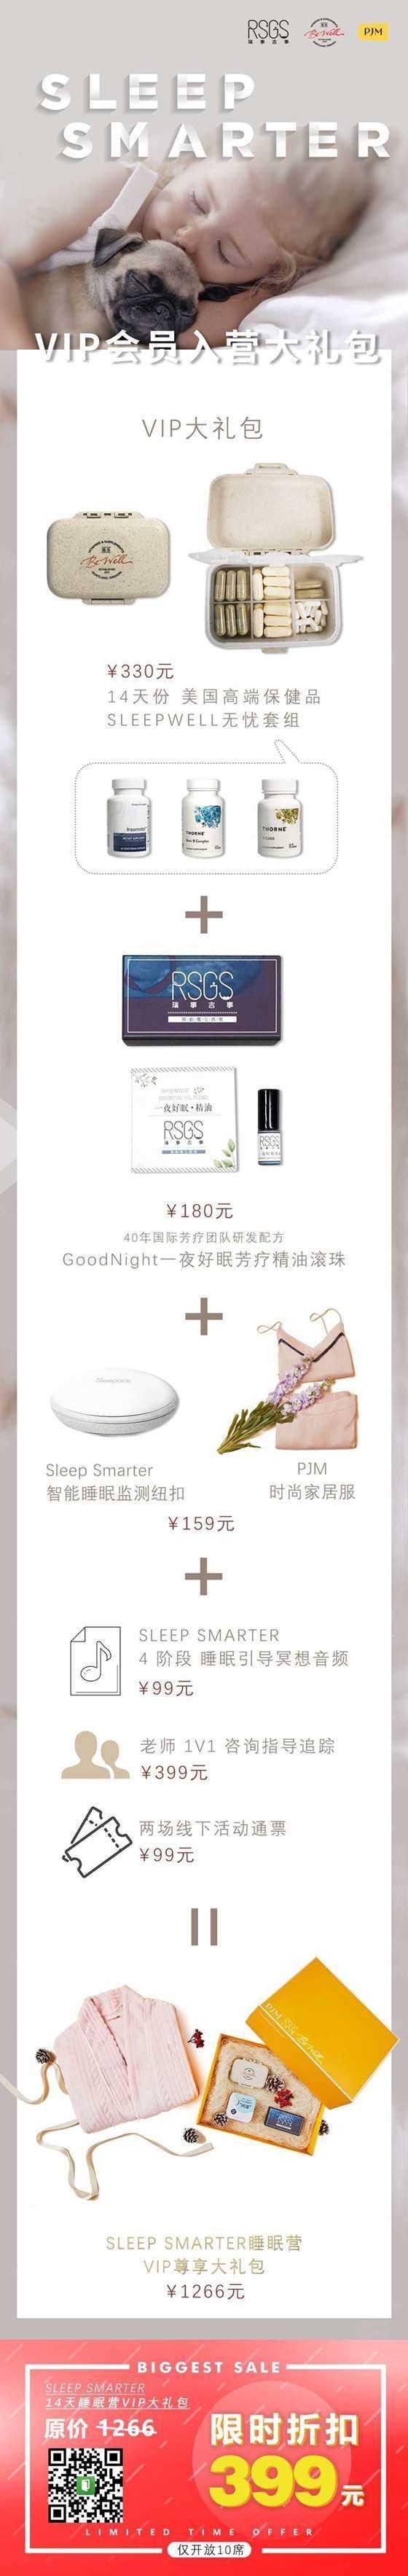 Sleep Smarter 大礼包 00ok.jpg